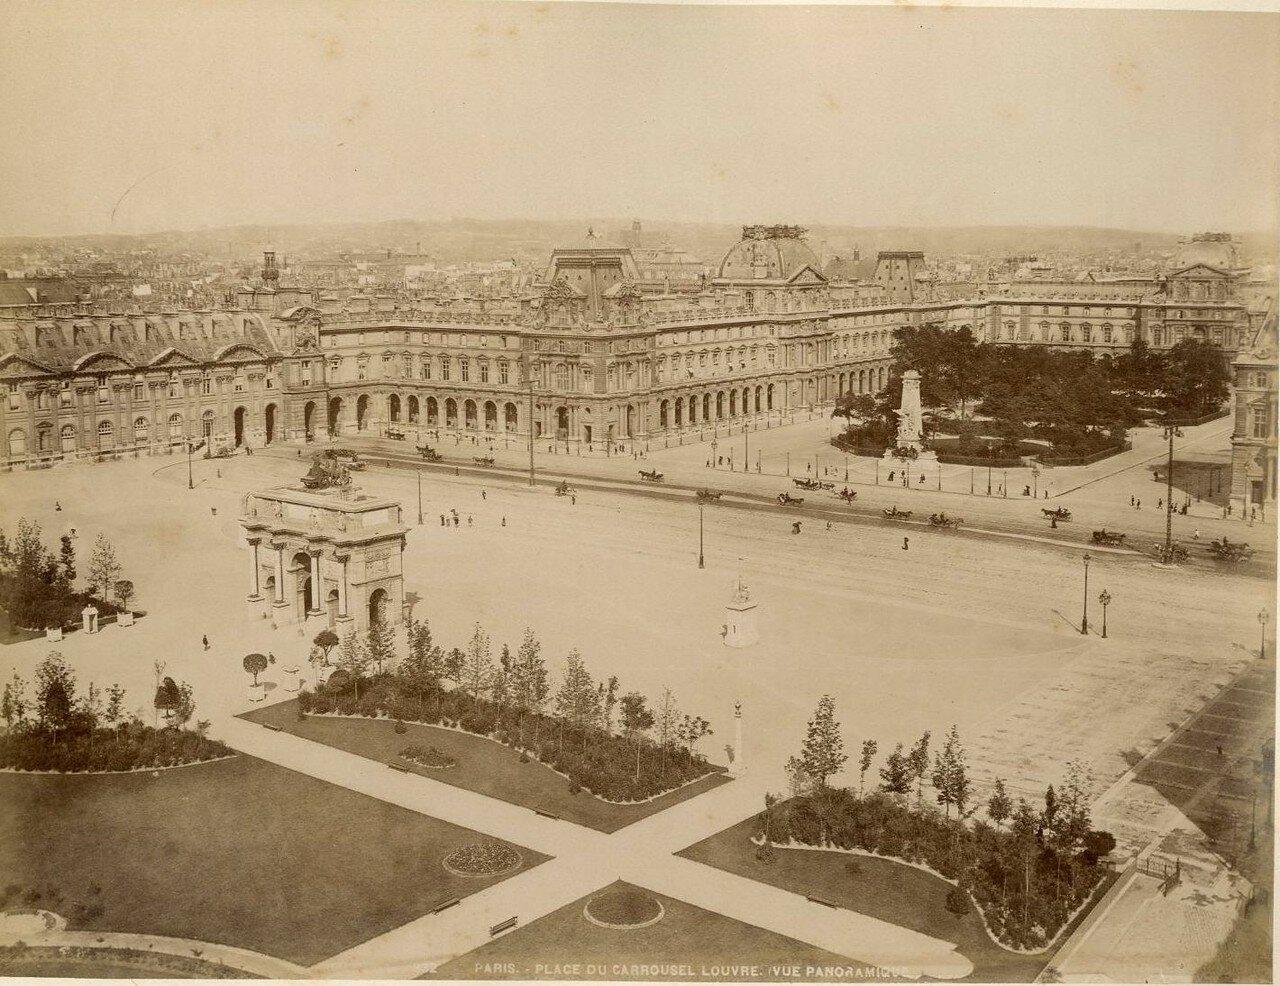 1880-е. Площадь Карузель и Лувр